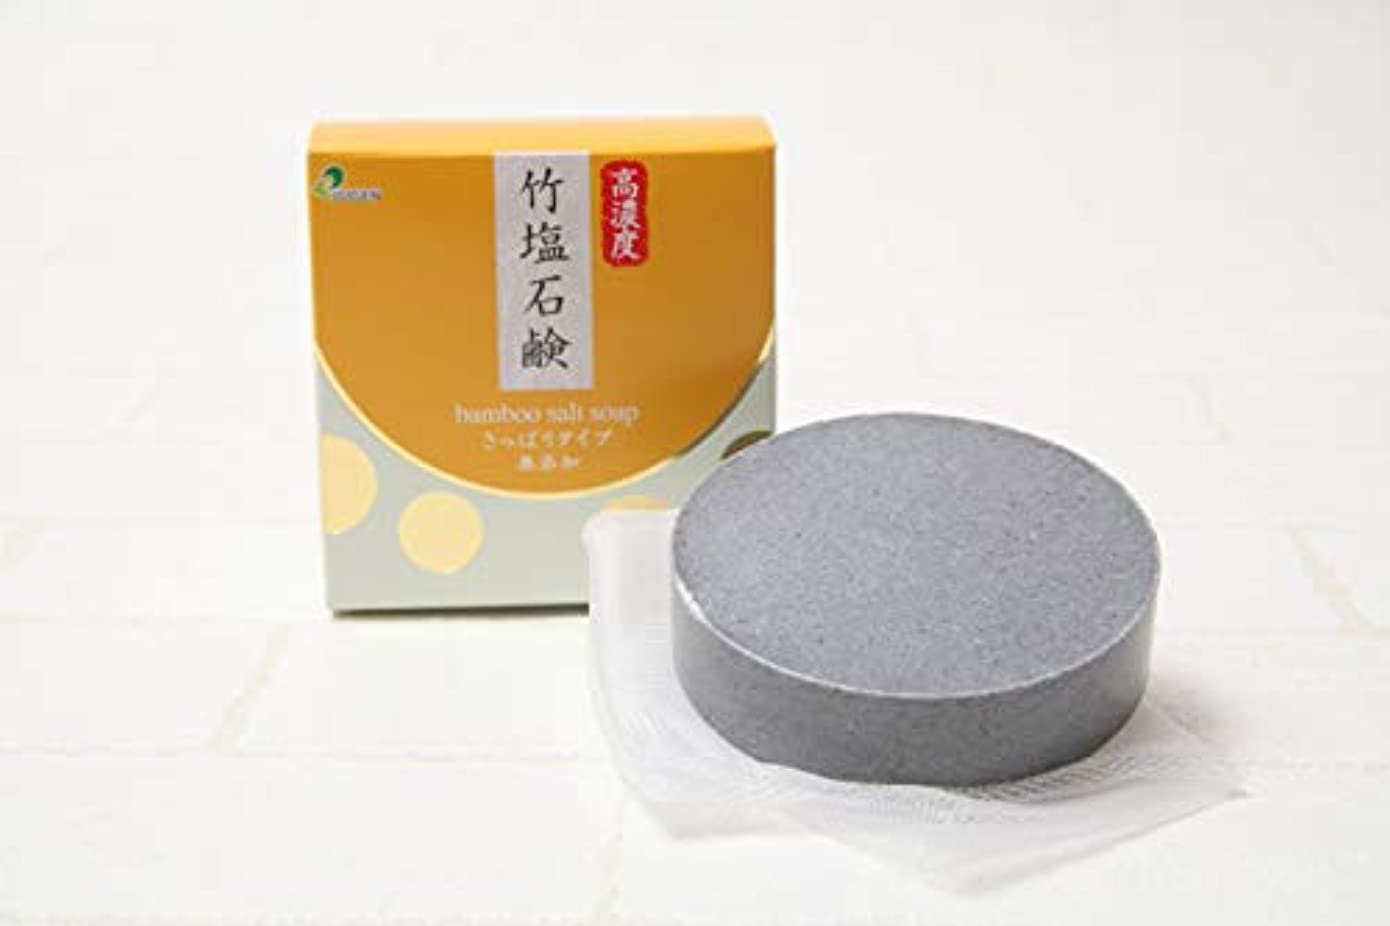 少し初期のナチュラジュゲン 高濃度 竹塩石鹸(洗顔せっけん石けん) 80g 泡立てネット付き